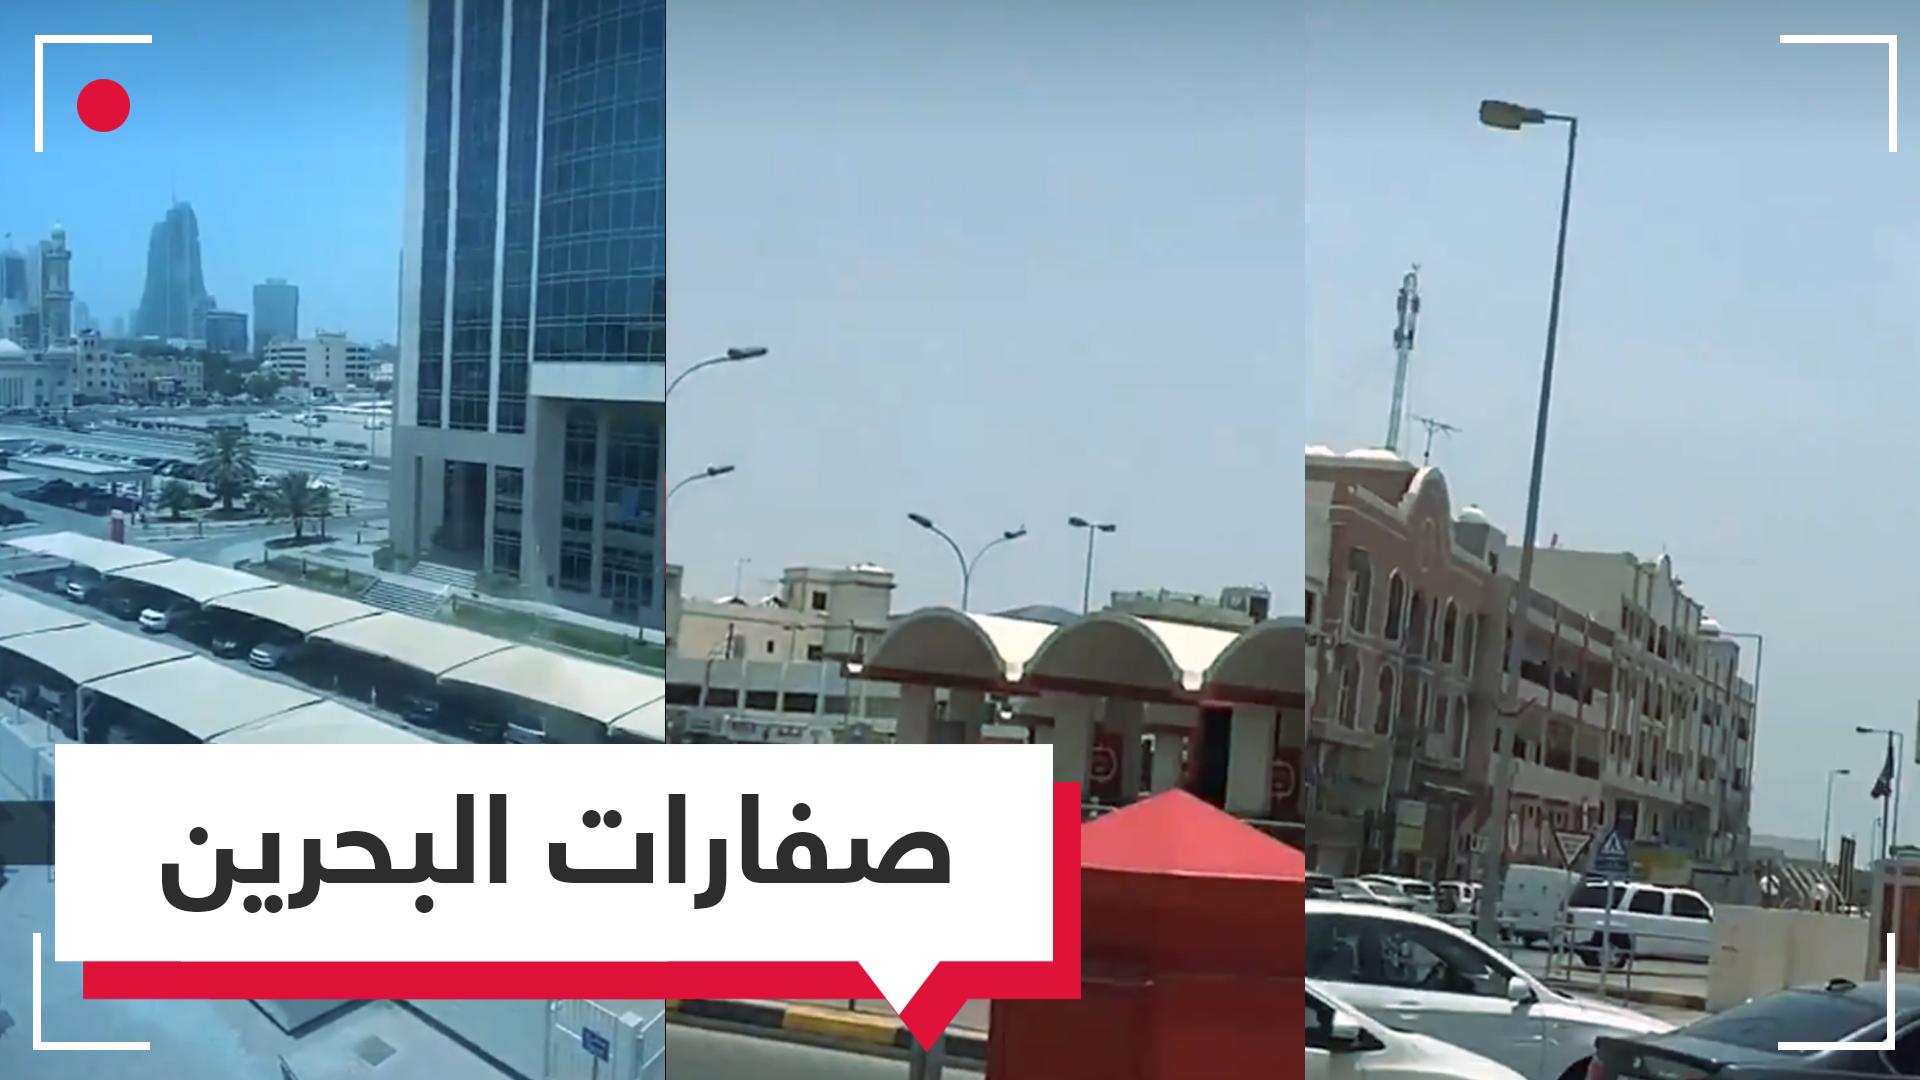 صفارات إنذار البحرين.. اختبار دوري أم تمهيد للحرب؟